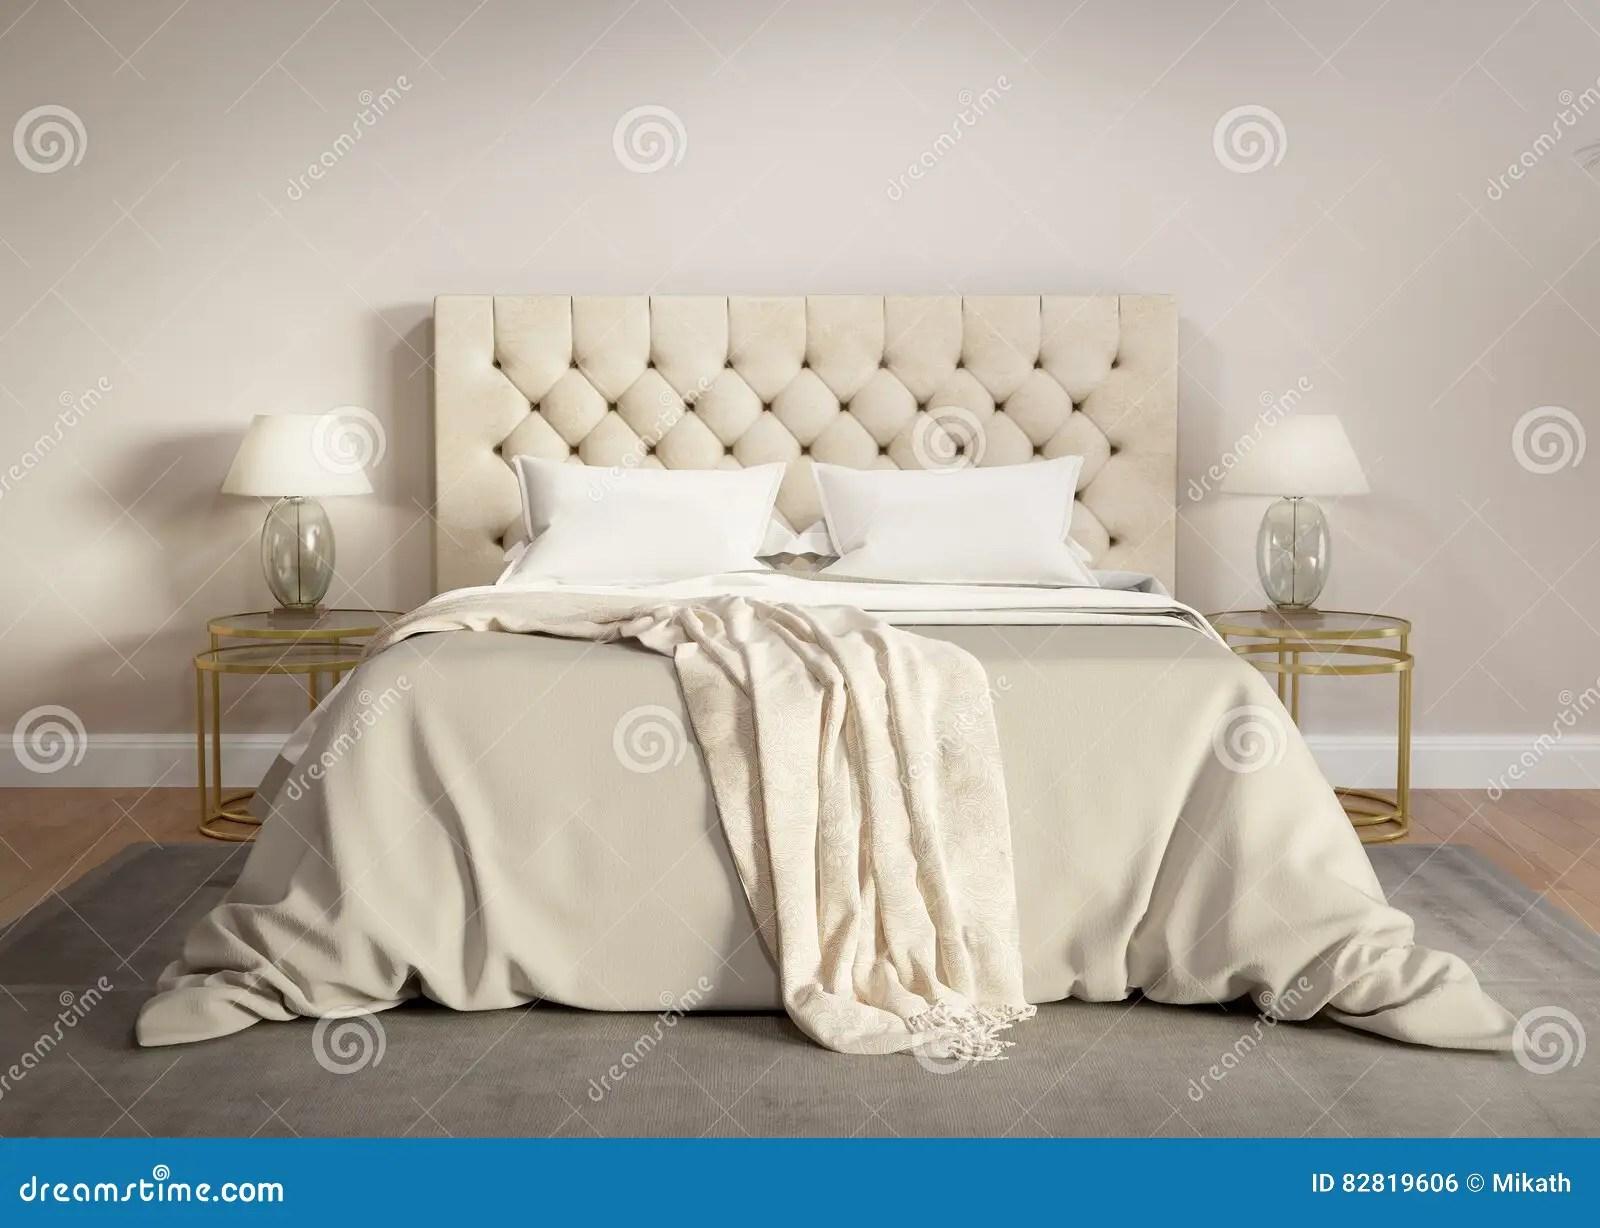 Camera Da Letto Beige : Camera da letto grigia camera da letto moderna di stile con i